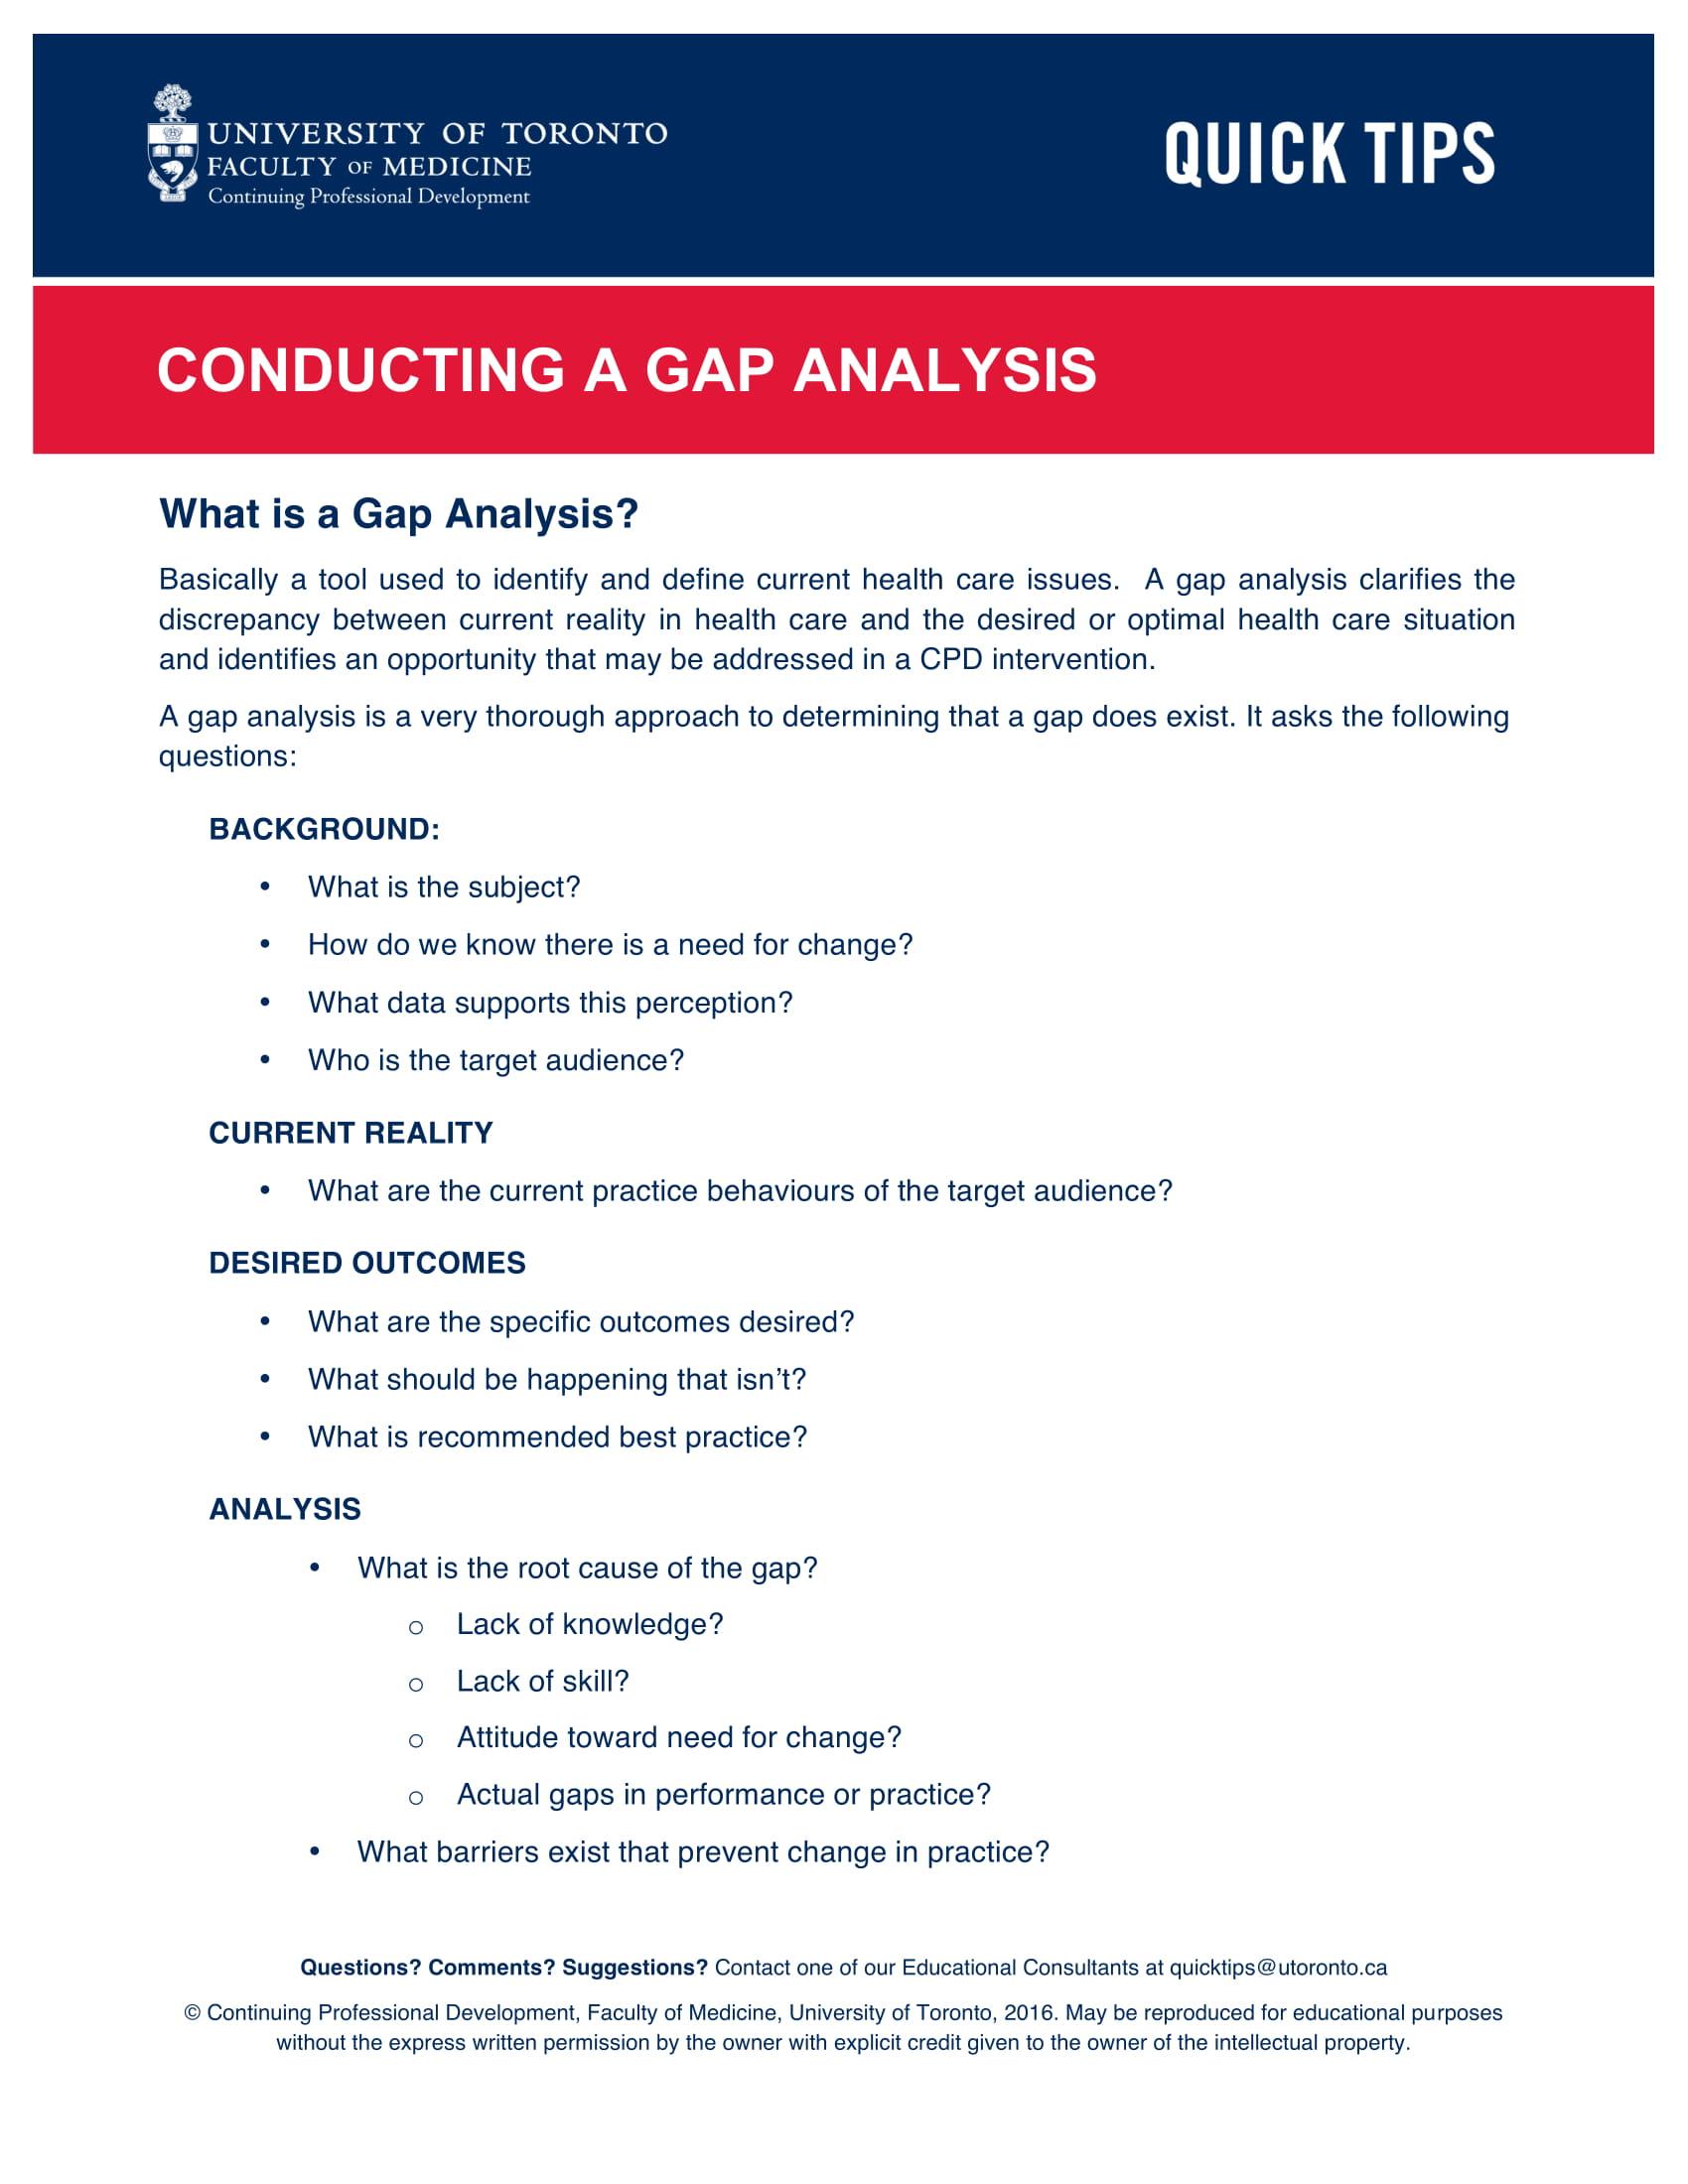 gap analysis explained example document